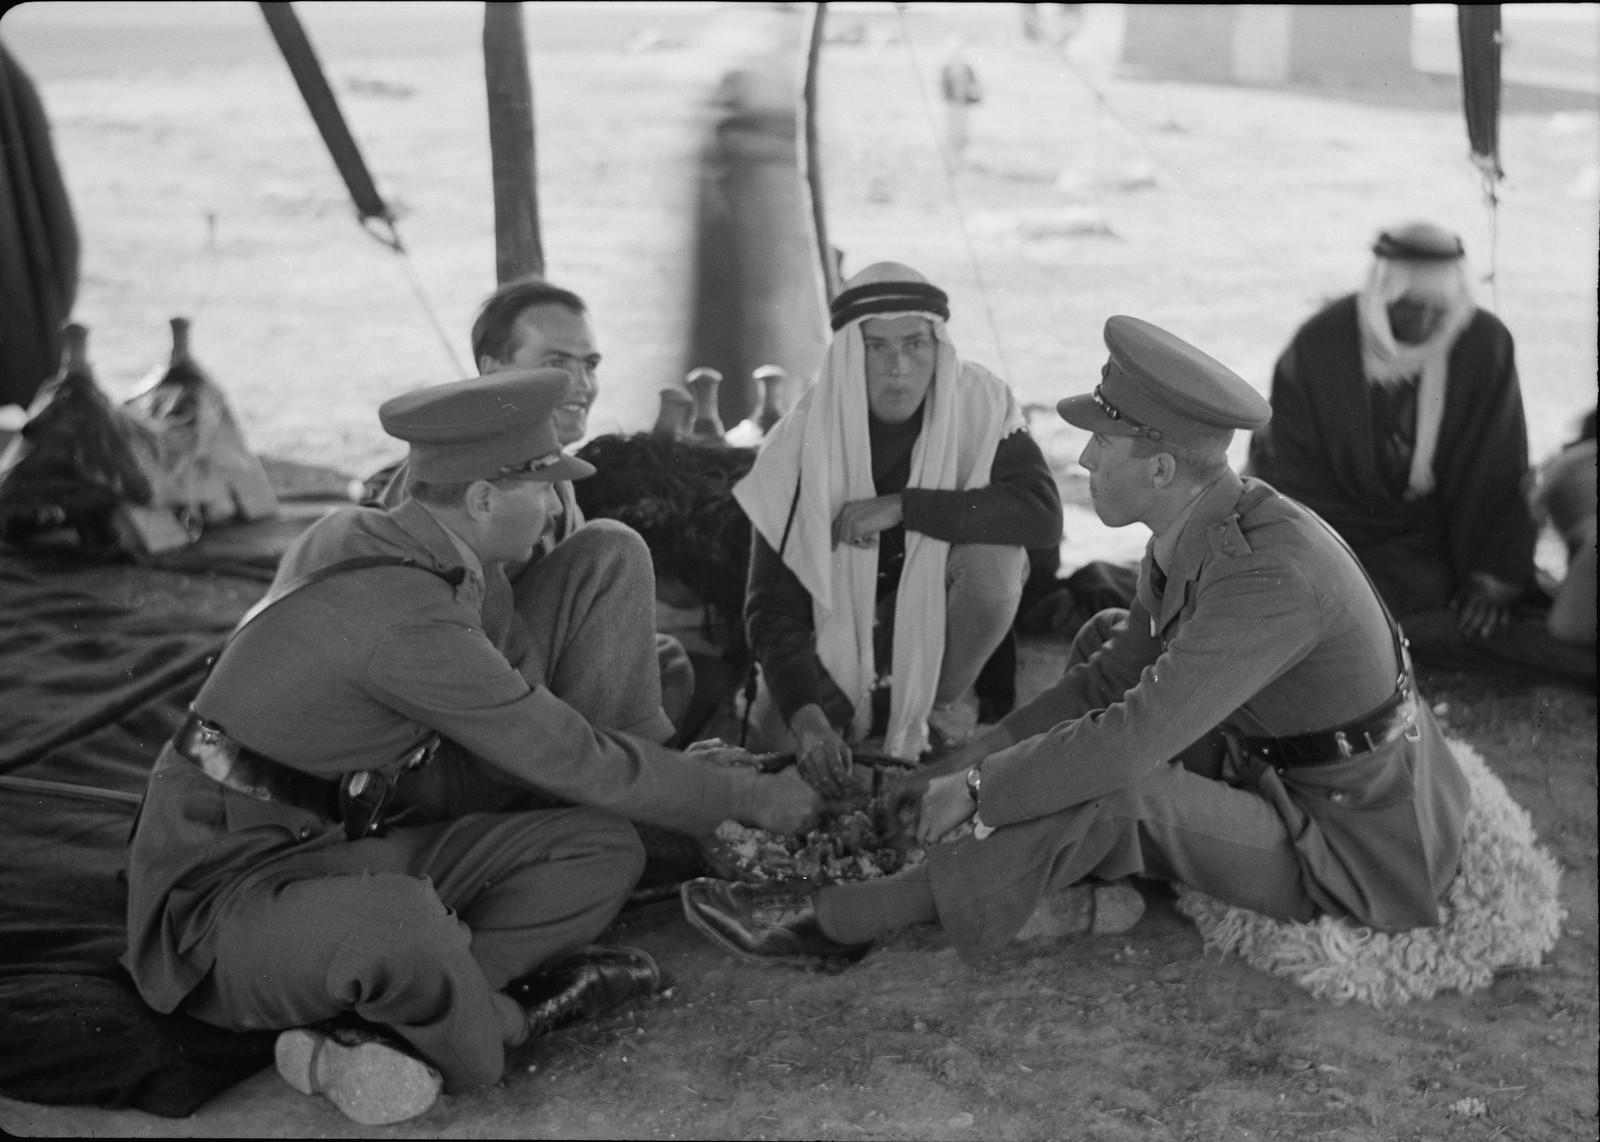 16. Кристофер Холм и Г. В. Белл со своими офицерами обедают в восточном стиле